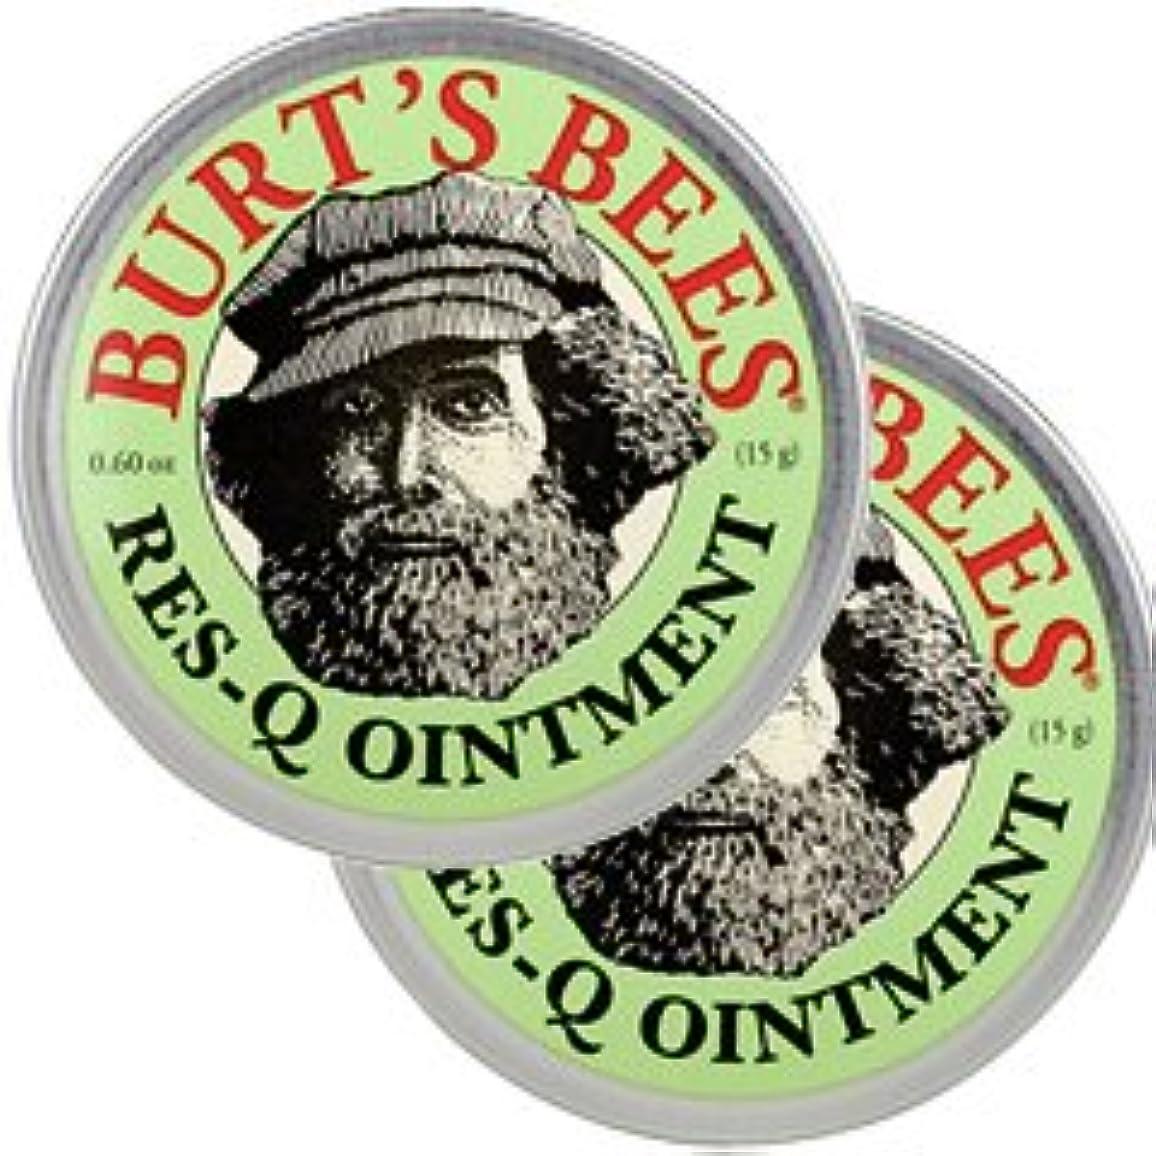 スタッフ穀物エレクトロニックバーツビーズ(Burt's Bees)レスキュー オイントメント 17g 2個セット[並行輸入品][海外直送品]